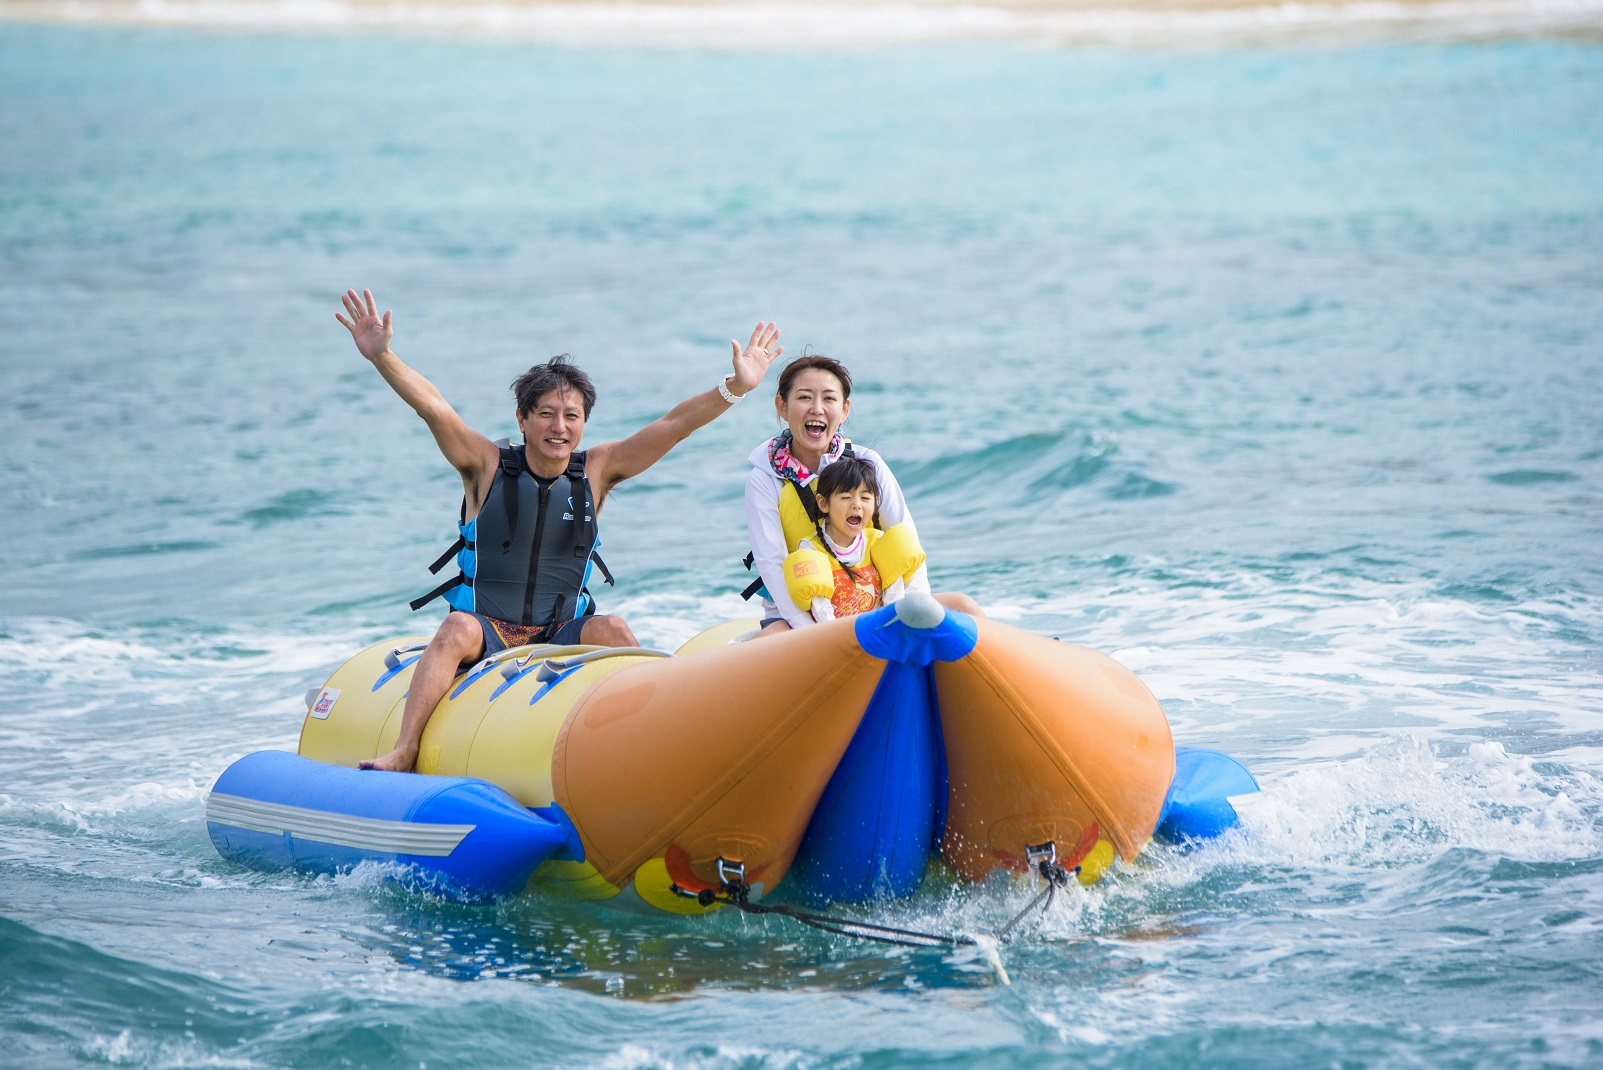 万座毛を海から眺めよう!恩納村でバナナボート体験!万座毛を海から眺めるバナナボート(所要時間:約15分)